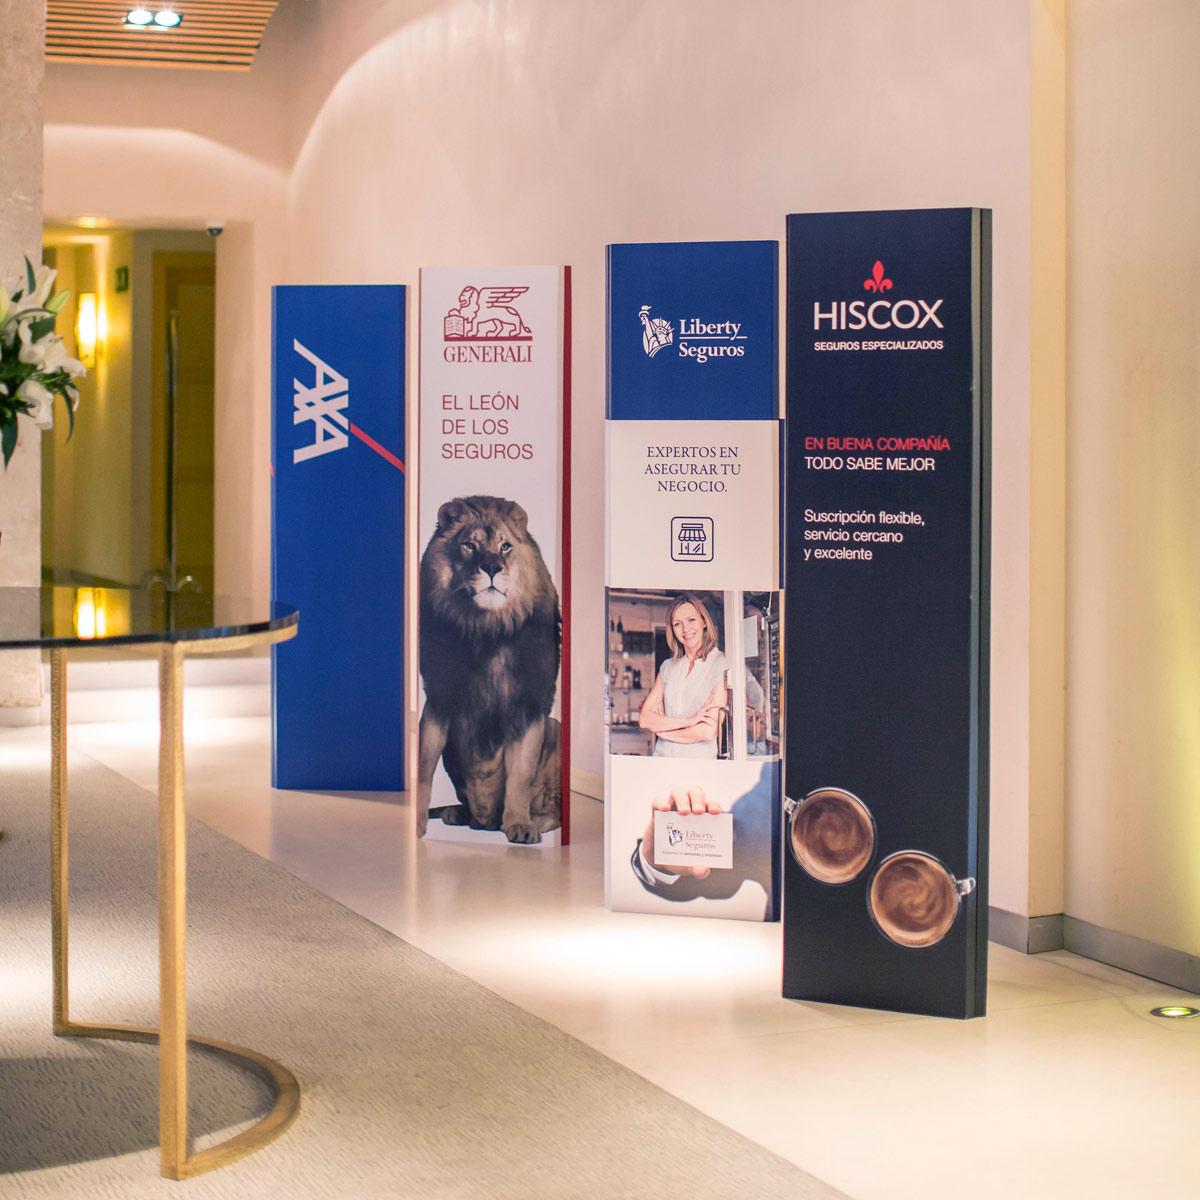 totem-banner-carton-e2000-decoracion-evento-cartonlab-2